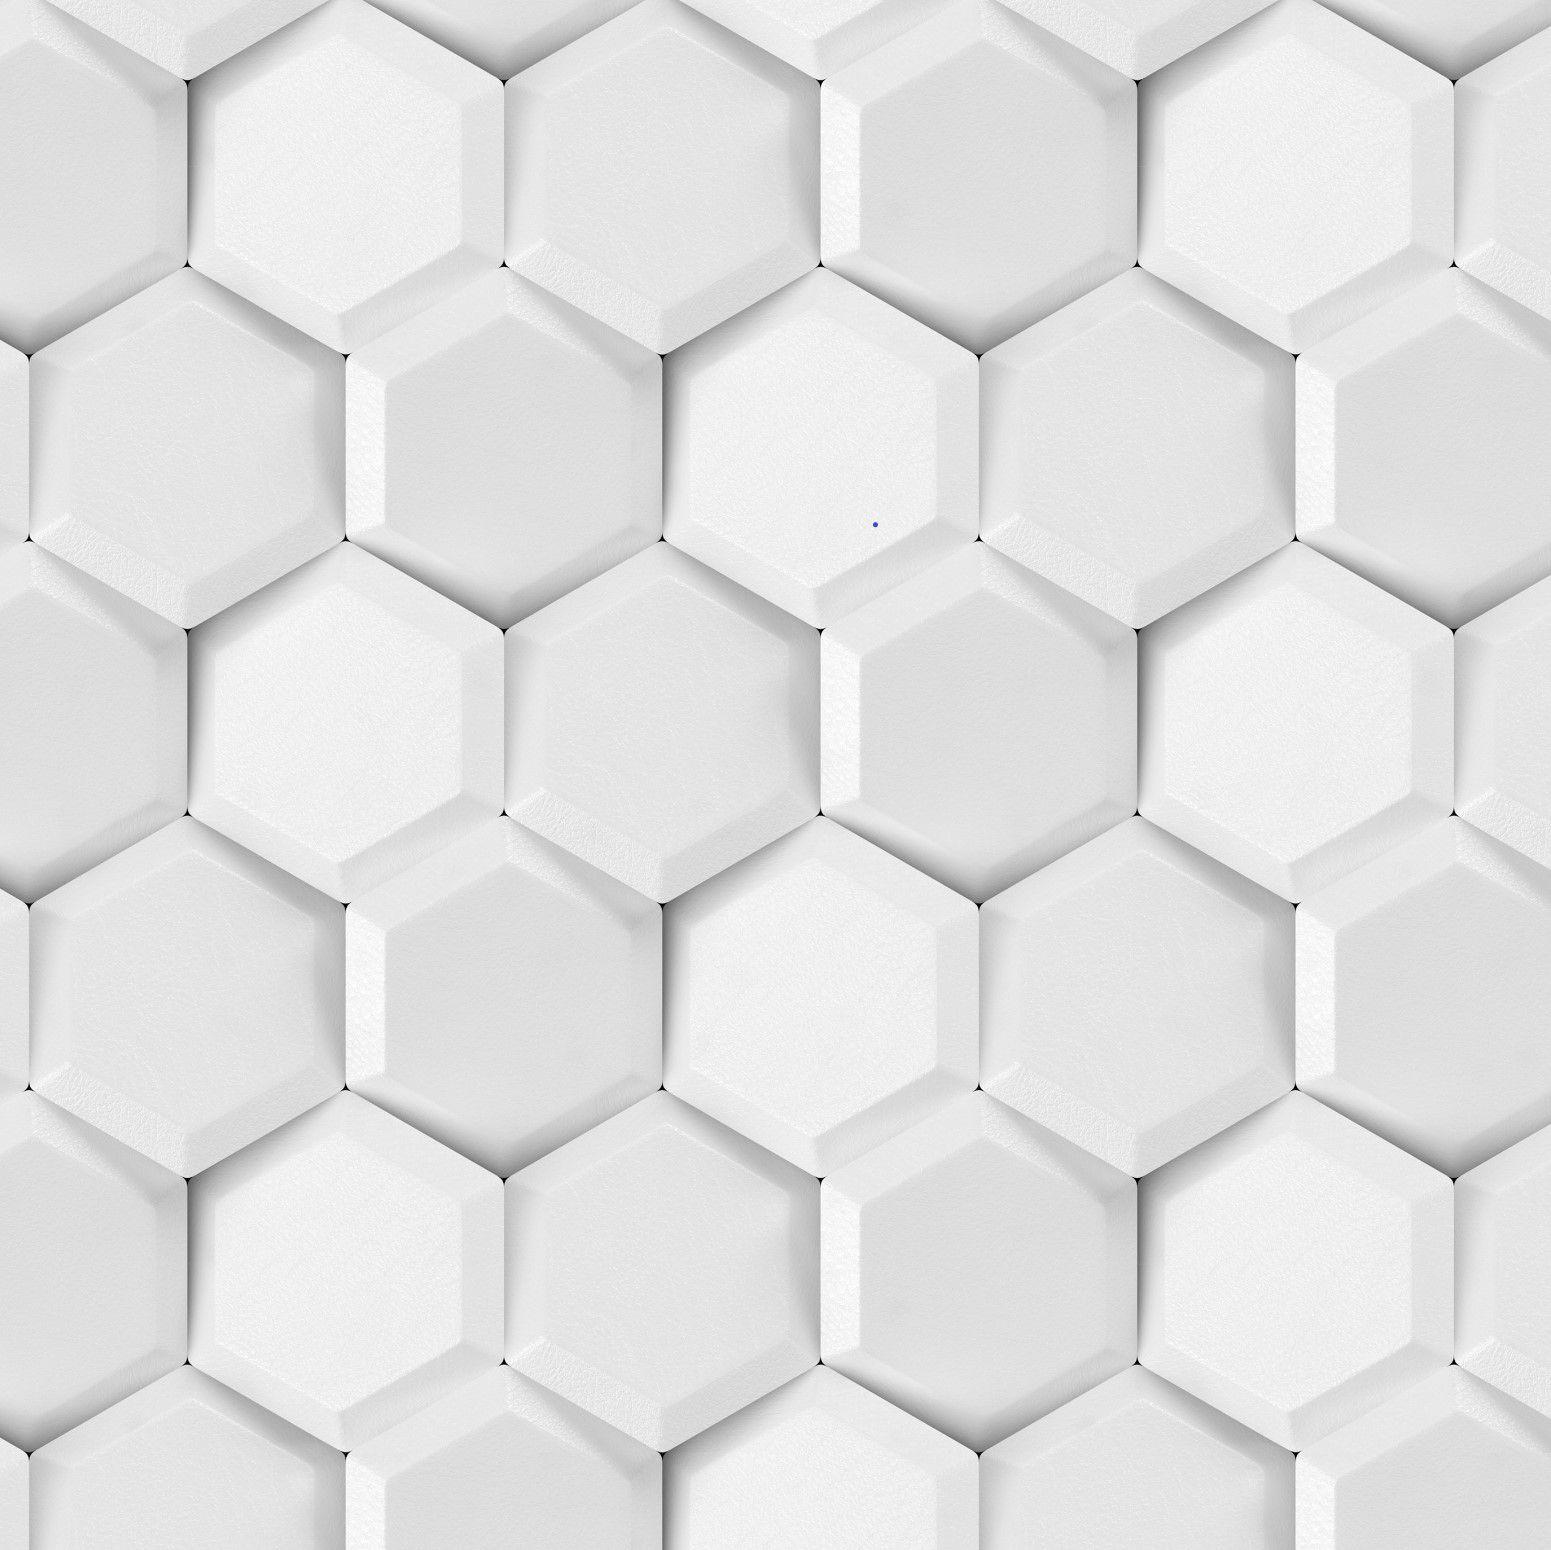 Papel de Parede Efeito 3D Lavével CO-709 - Cole Aí